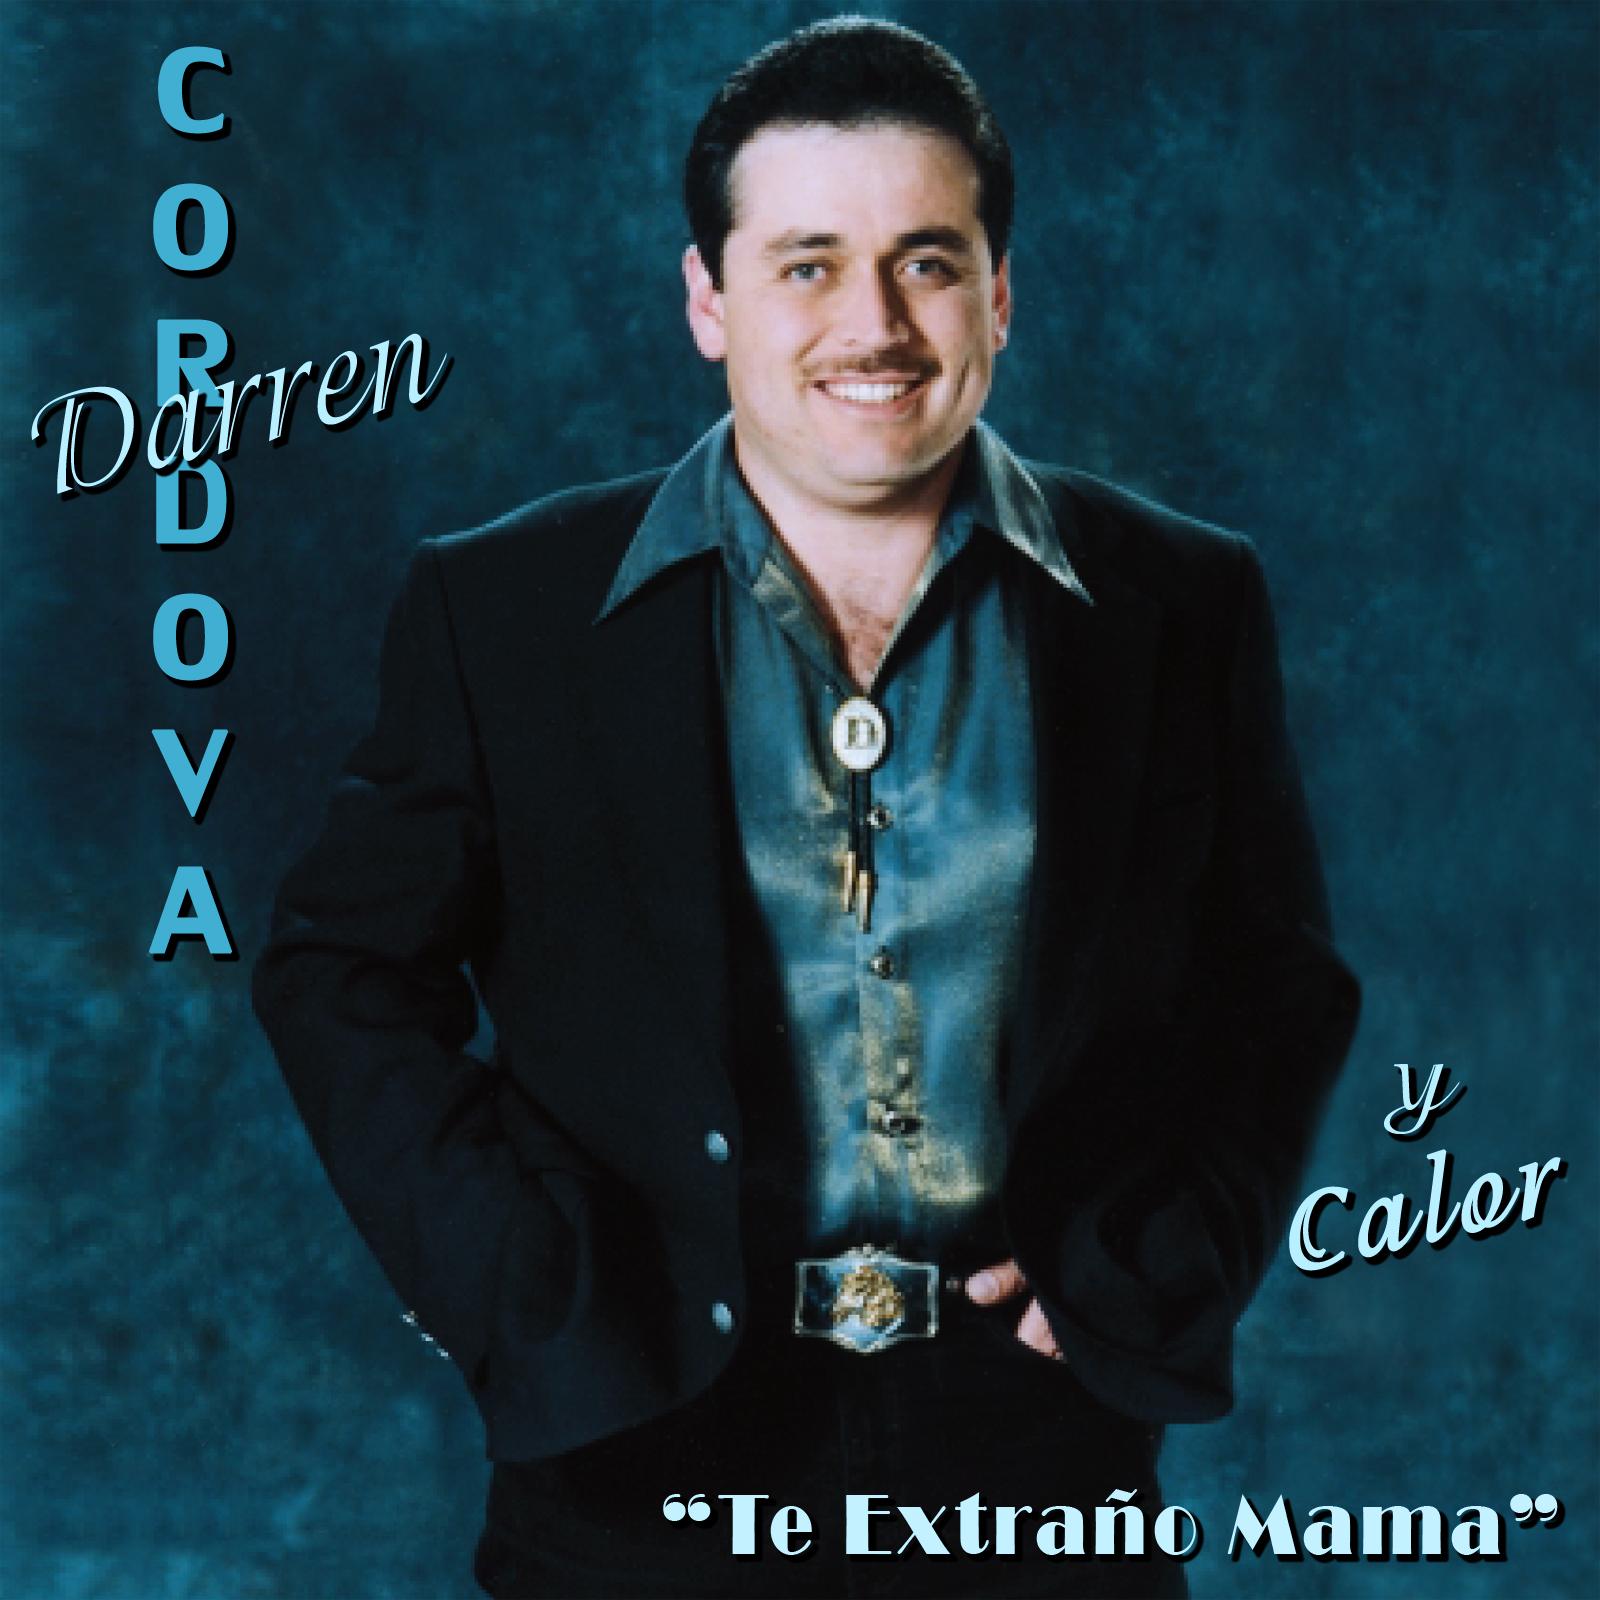 Te Extraño Mama by Darren Cordova Y Calor